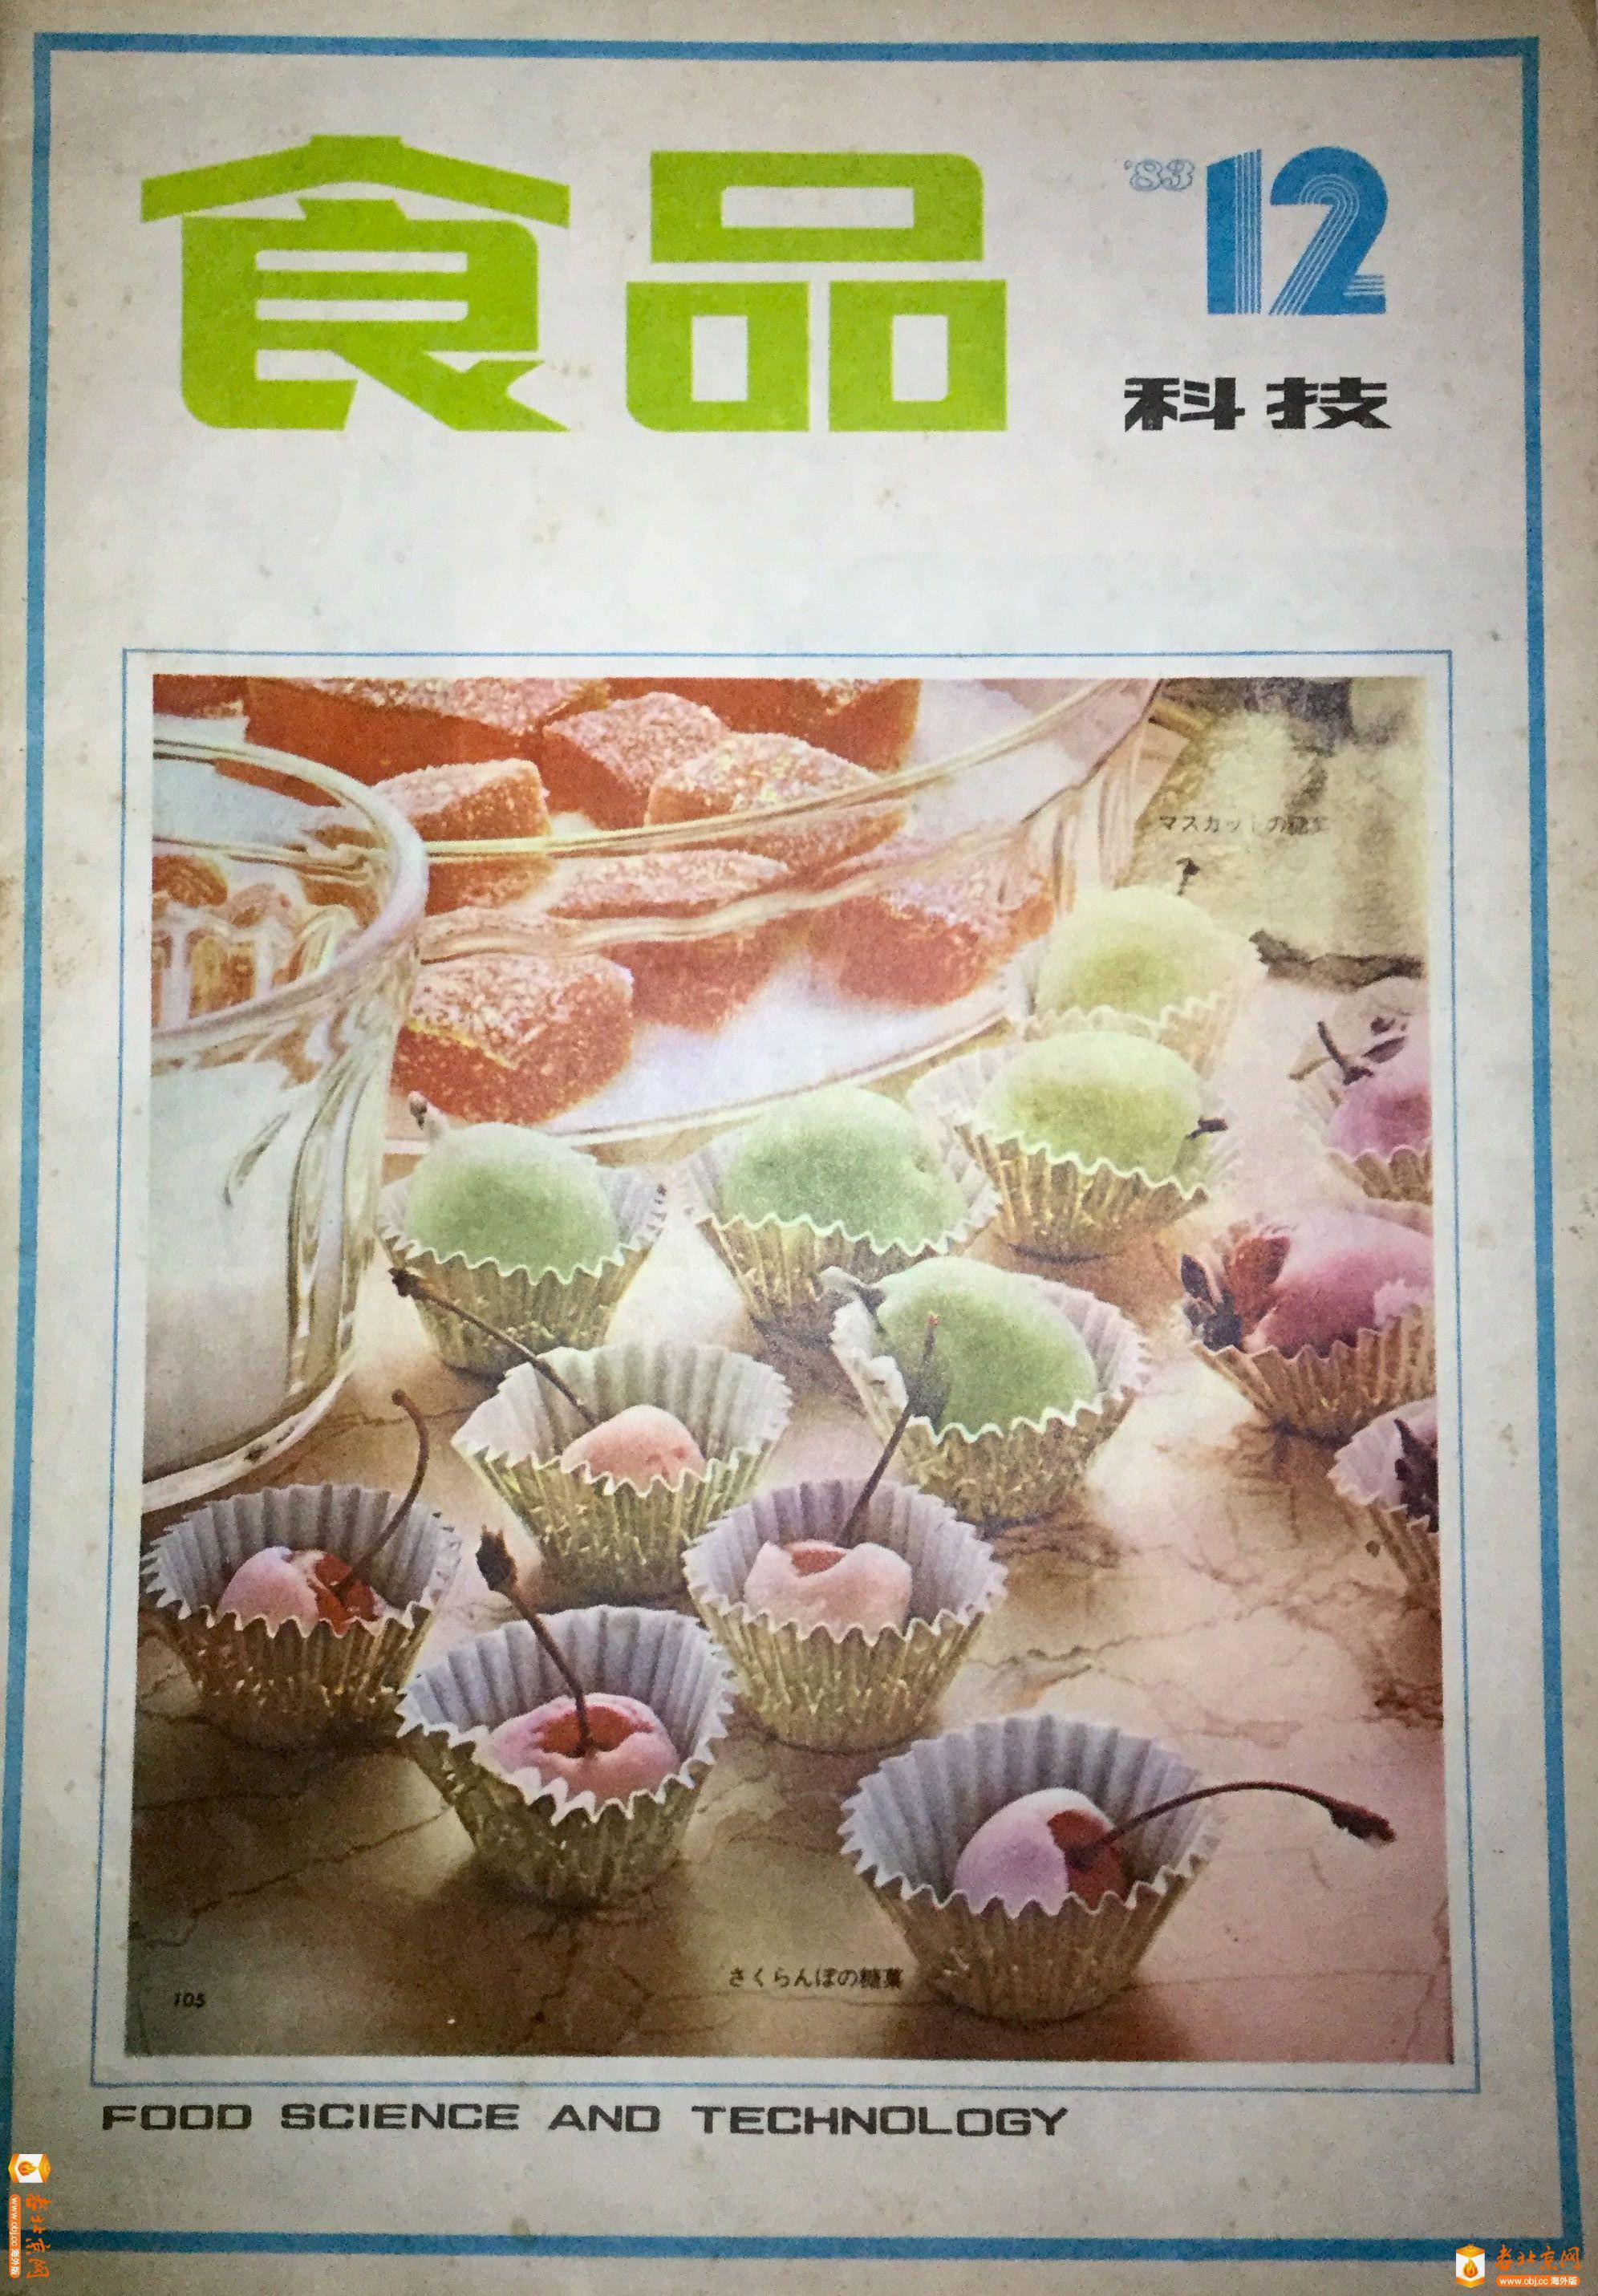 . ~) T4 ^3 W! c 那会学生,不管做饭谈不上研究,但打小喜欢食品的图,文,小人书上画桌菜都喜欢看。3 s6 ~ G, J) [: p7 E & F2 g/ c- h5 b+ s 记得登过篇报道,北京市厨艺比赛,第一名一个姐姐,两小时14道菜,家传手艺,特佩服。 / d: {: z# O! V3 J+ s- y! _( Z y0 D$ P6 R; A 直到最近,才知是厉莉.